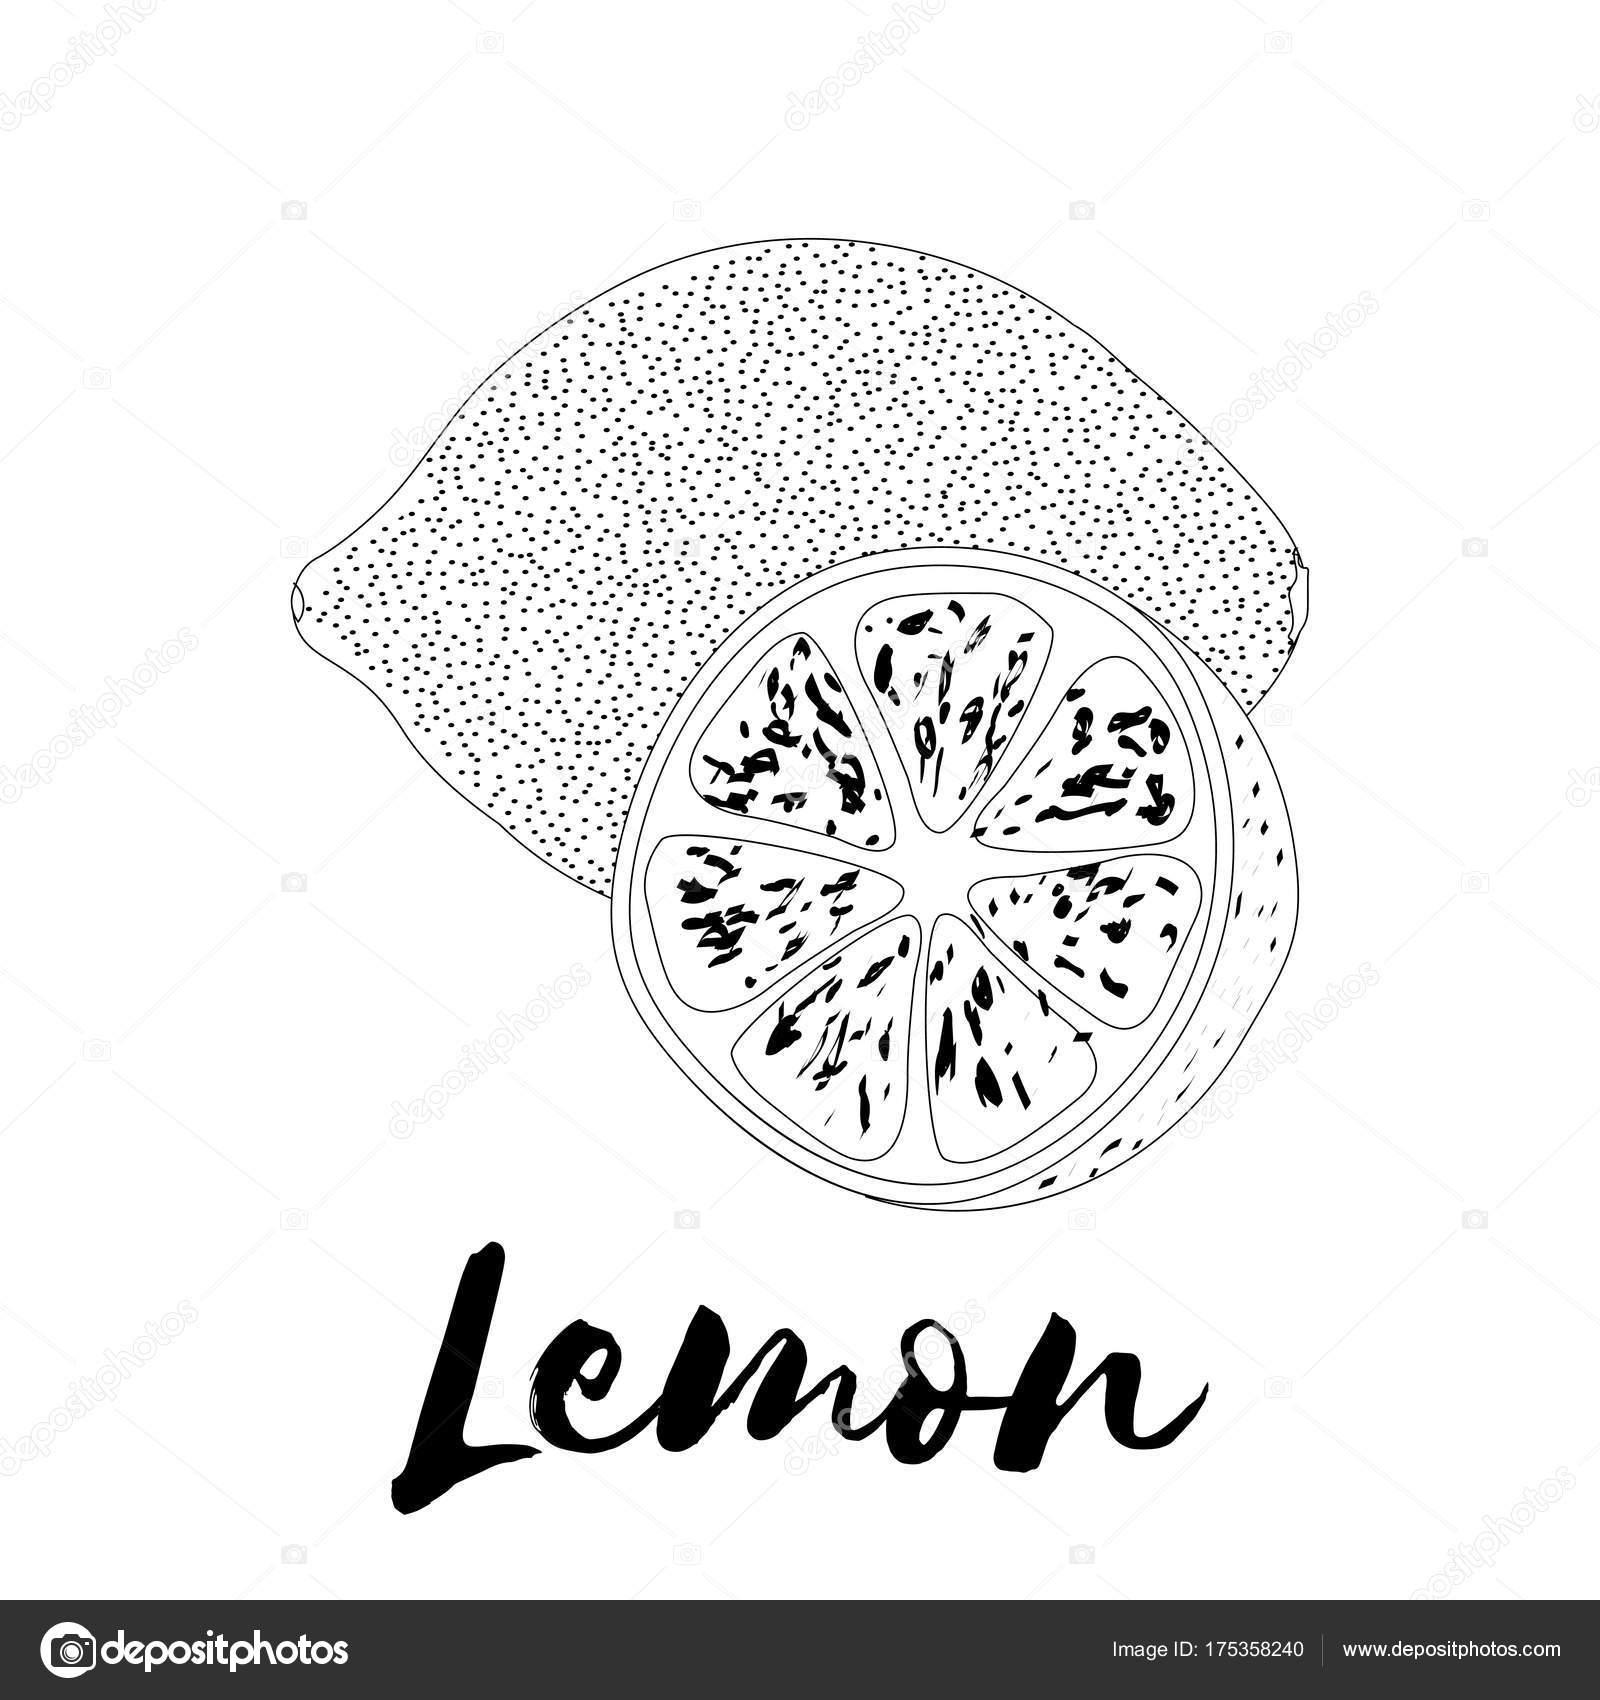 Limon Sayfa Boyama Kitabı Için Doodle Tasarım Meyve Vektör